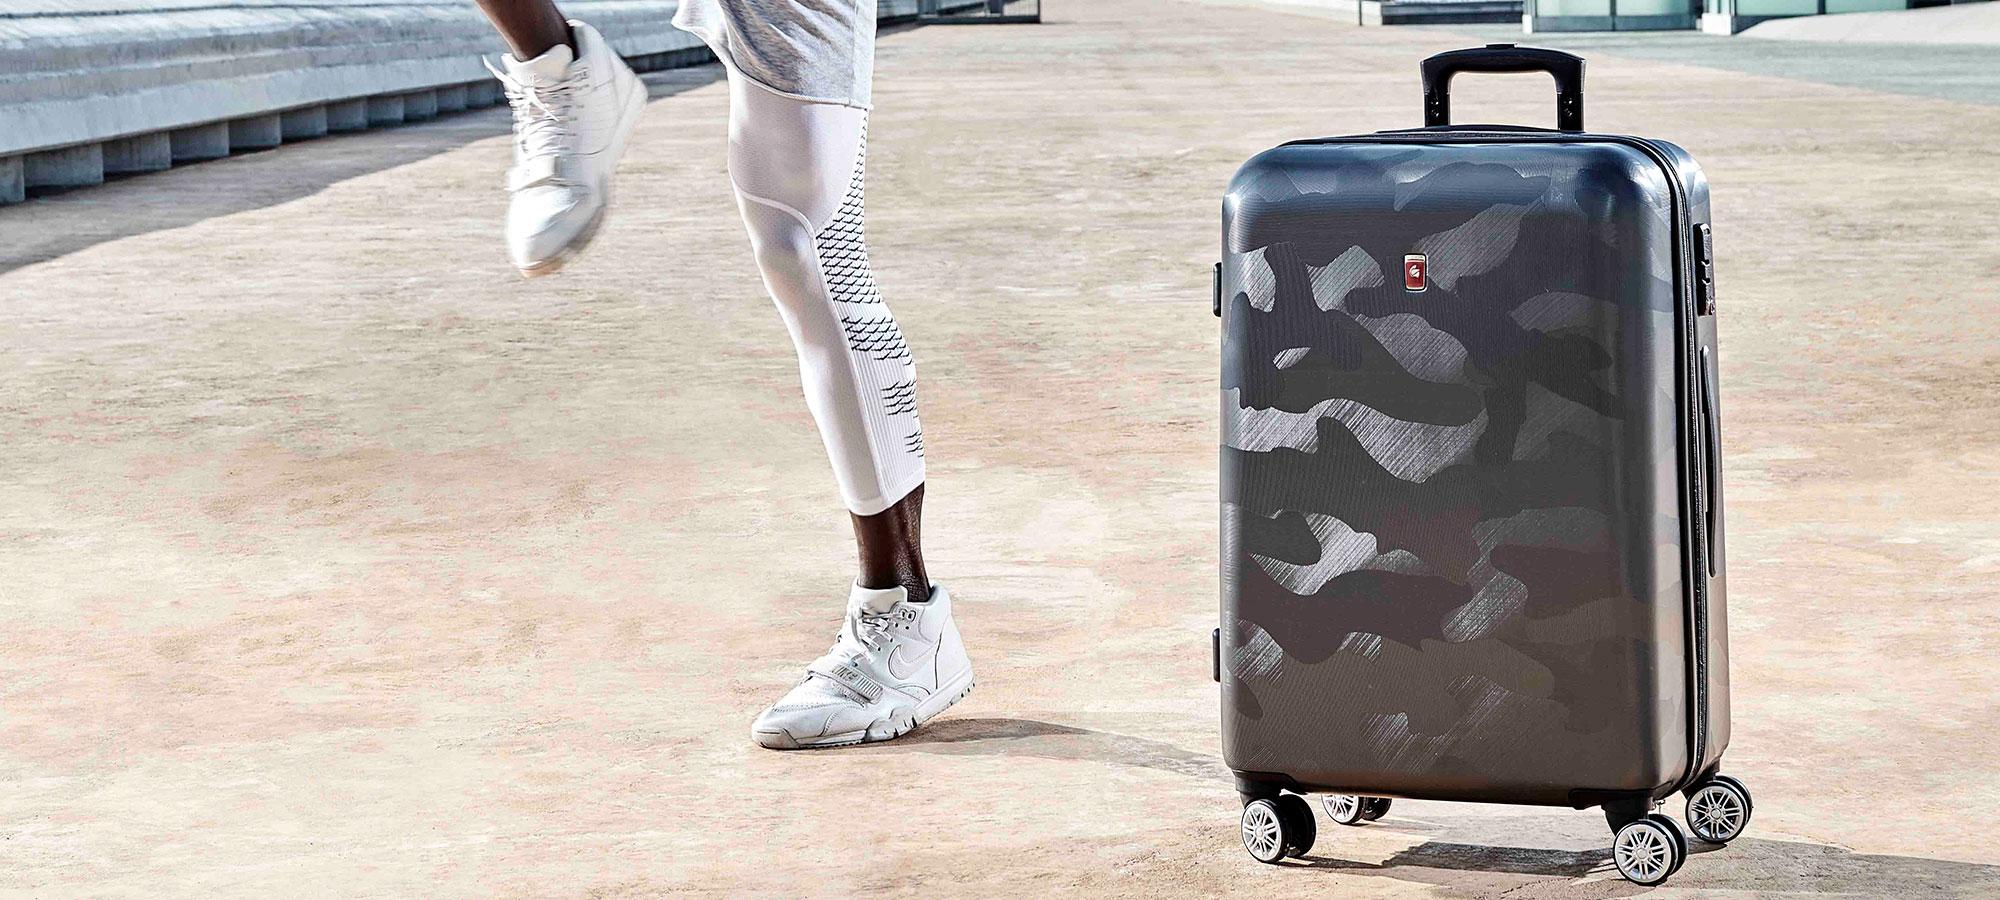 maleta de viaje rebel camuflaje